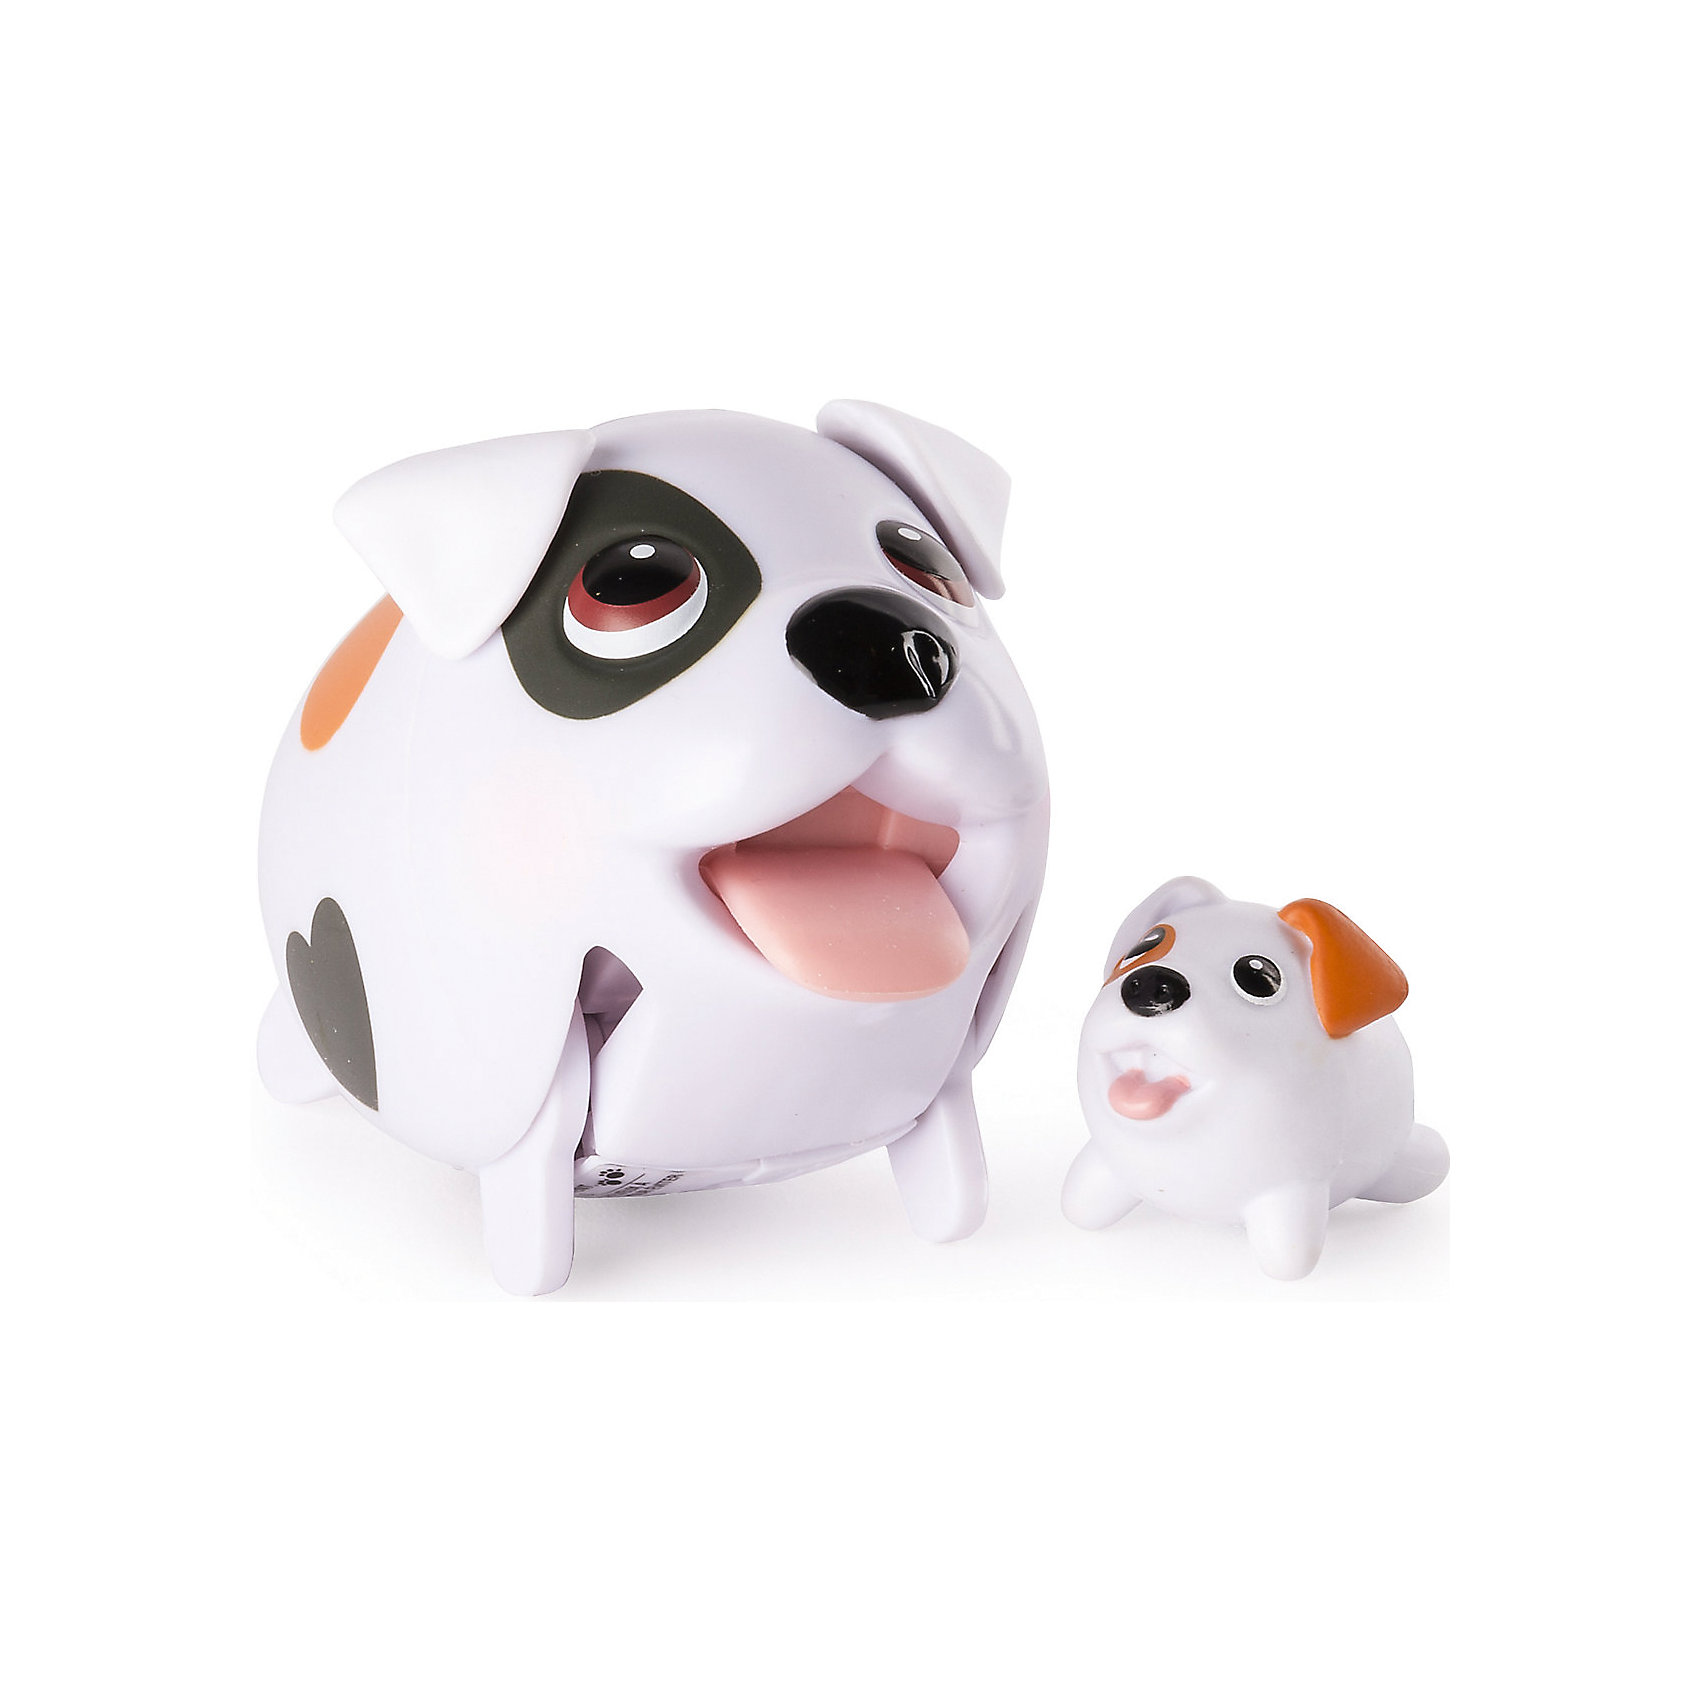 Коллекционная фигурка Джек Рассел, Chubby PuppiesЛюбимые герои<br>Характеристики товара:<br><br>- цвет: разноцветный;<br>- материал: пластик;<br>- размер упаковки: 15х8х11 см;<br>- вес: 200 г;<br>- комплектация: большая и маленькая фигурки. <br><br>Игрушки от бренда Chubby Puppies - это симпатичные собачки, которые умеют забавно двигаться. Эта игрушка очень качественно выполнена, поэтому она станет отличным подарком ребенку. Такое изделие отлично тренирует у ребенка разные навыки: играя с ней, малыш развивает мелкую моторику, цветовосприятие, внимание, воображение и творческое мышление.<br>Данная модель дополнена маленькой копией животного! Из этих фигурок можно собрать целую коллекцию! Изделие произведено из высококачественного материала, безопасного для детей.<br><br>Коллекционную фигурку Джек Рассел от бренда Chubby Puppies можно купить в нашем интернет-магазине.<br><br>Ширина мм: 80<br>Глубина мм: 110<br>Высота мм: 150<br>Вес г: 195<br>Возраст от месяцев: 36<br>Возраст до месяцев: 2147483647<br>Пол: Унисекс<br>Возраст: Детский<br>SKU: 5097945